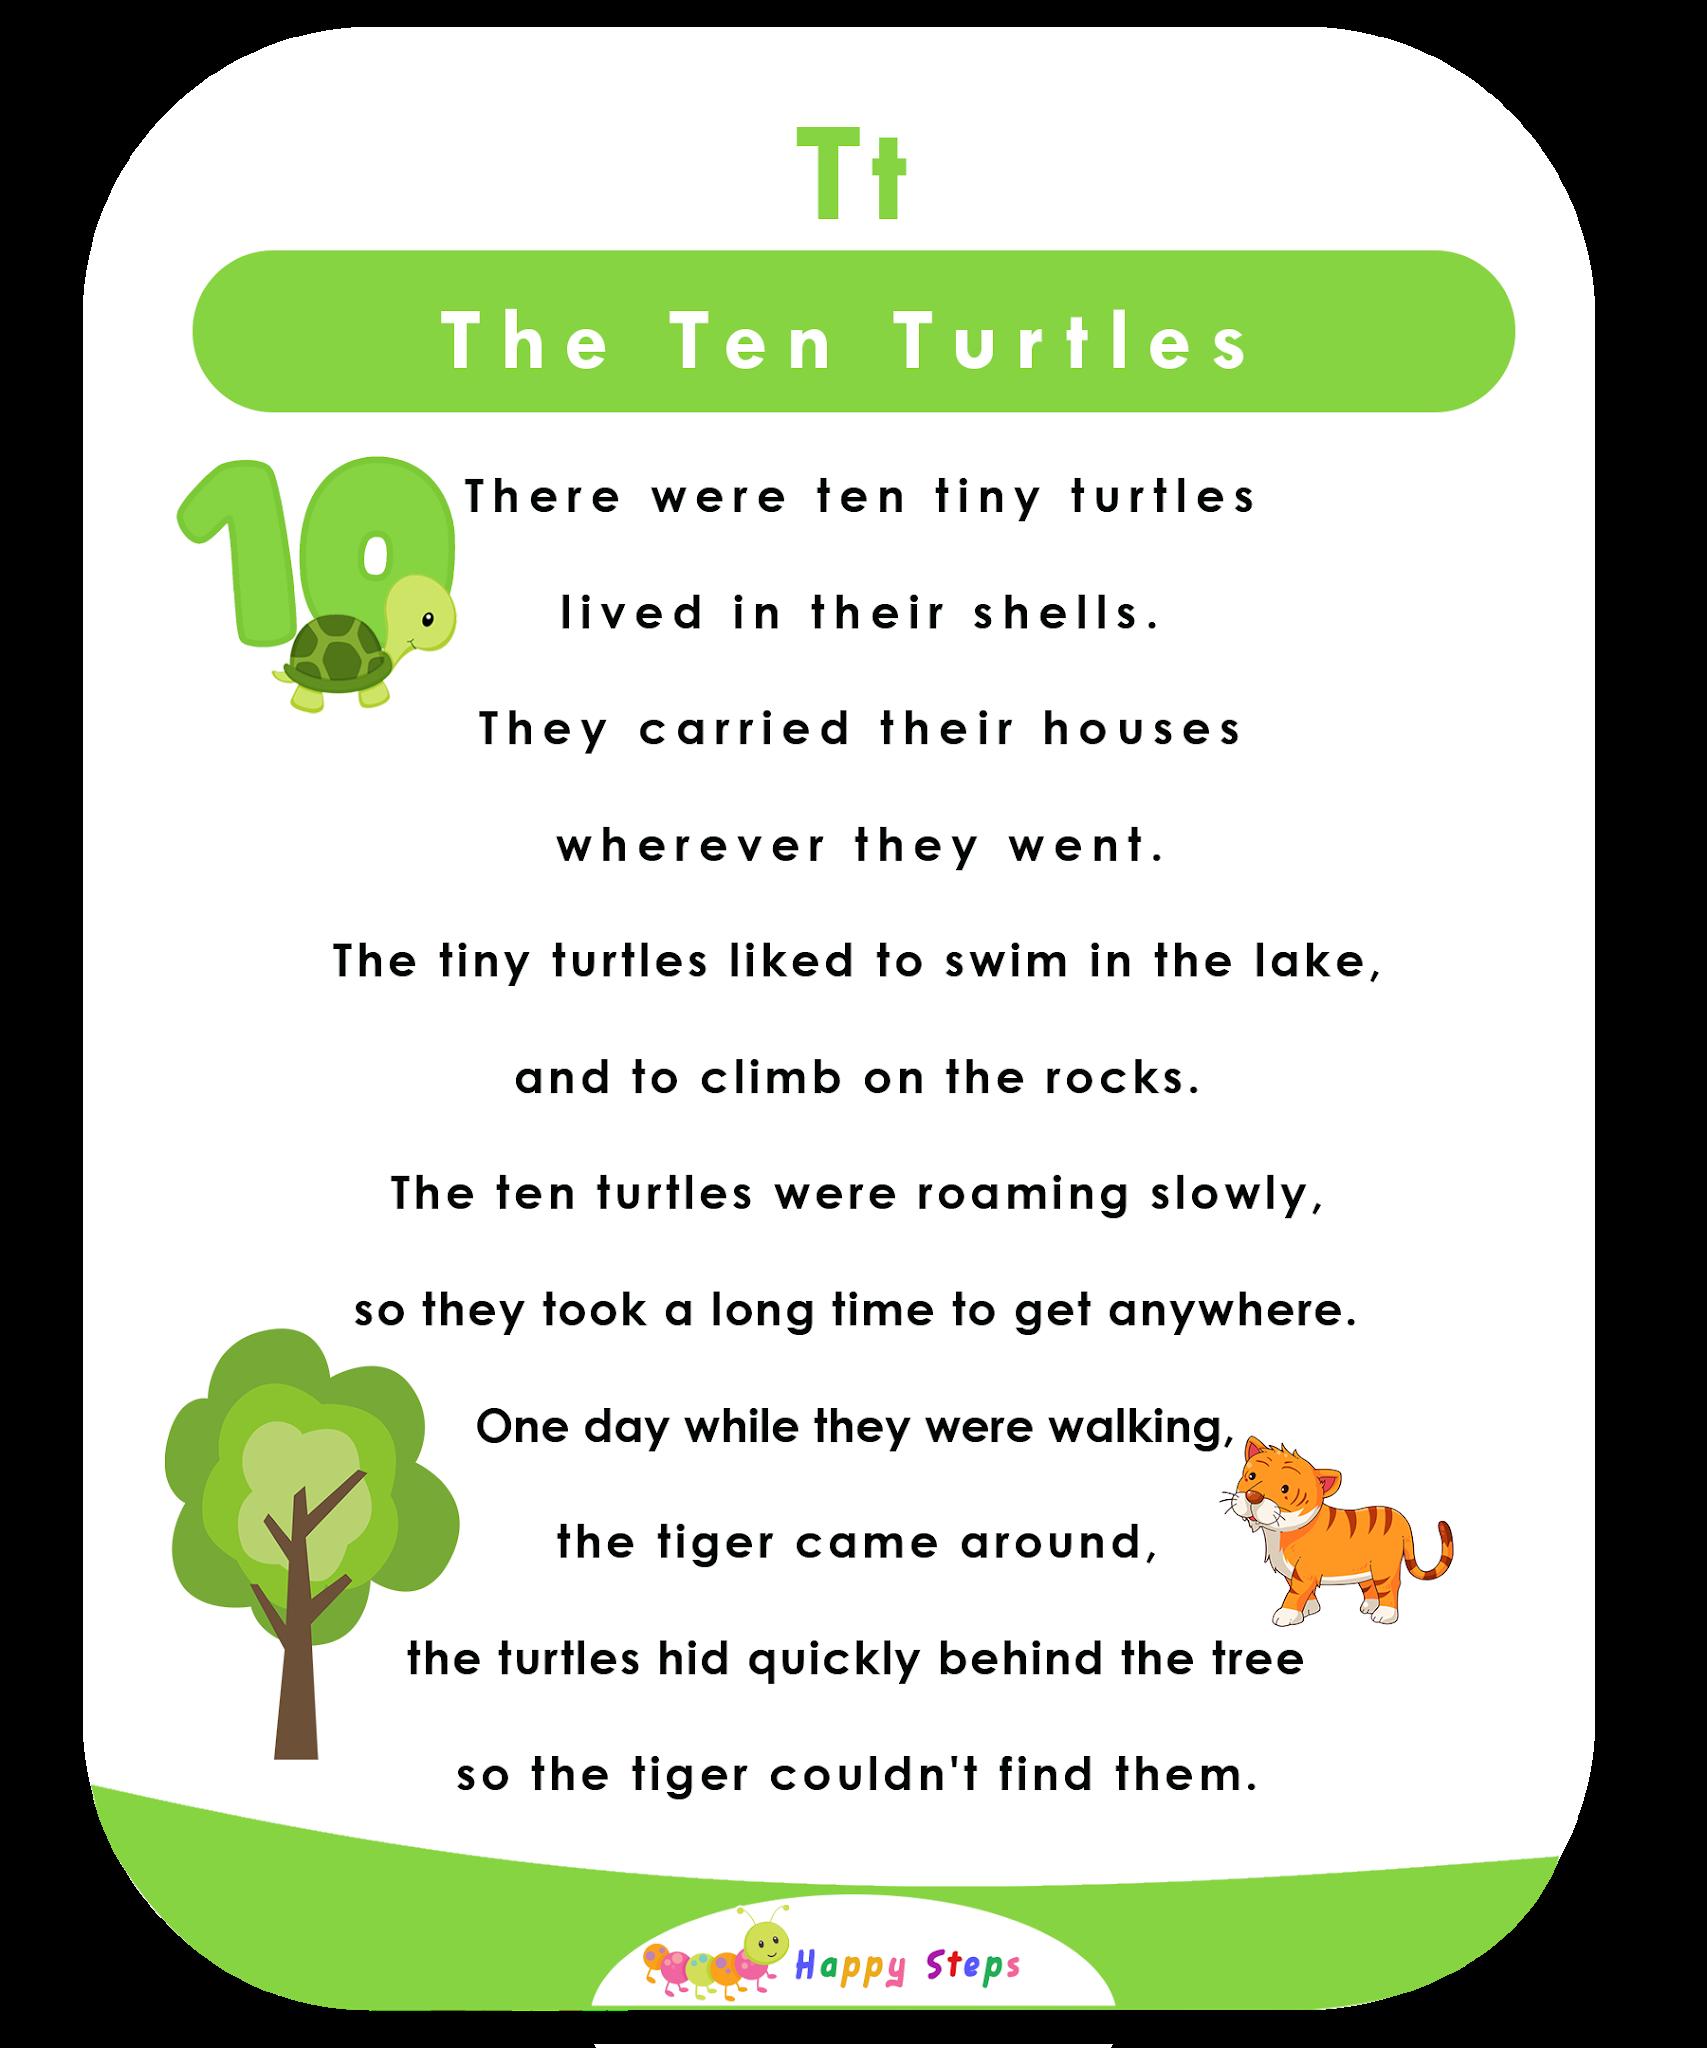 The Ten Turtles